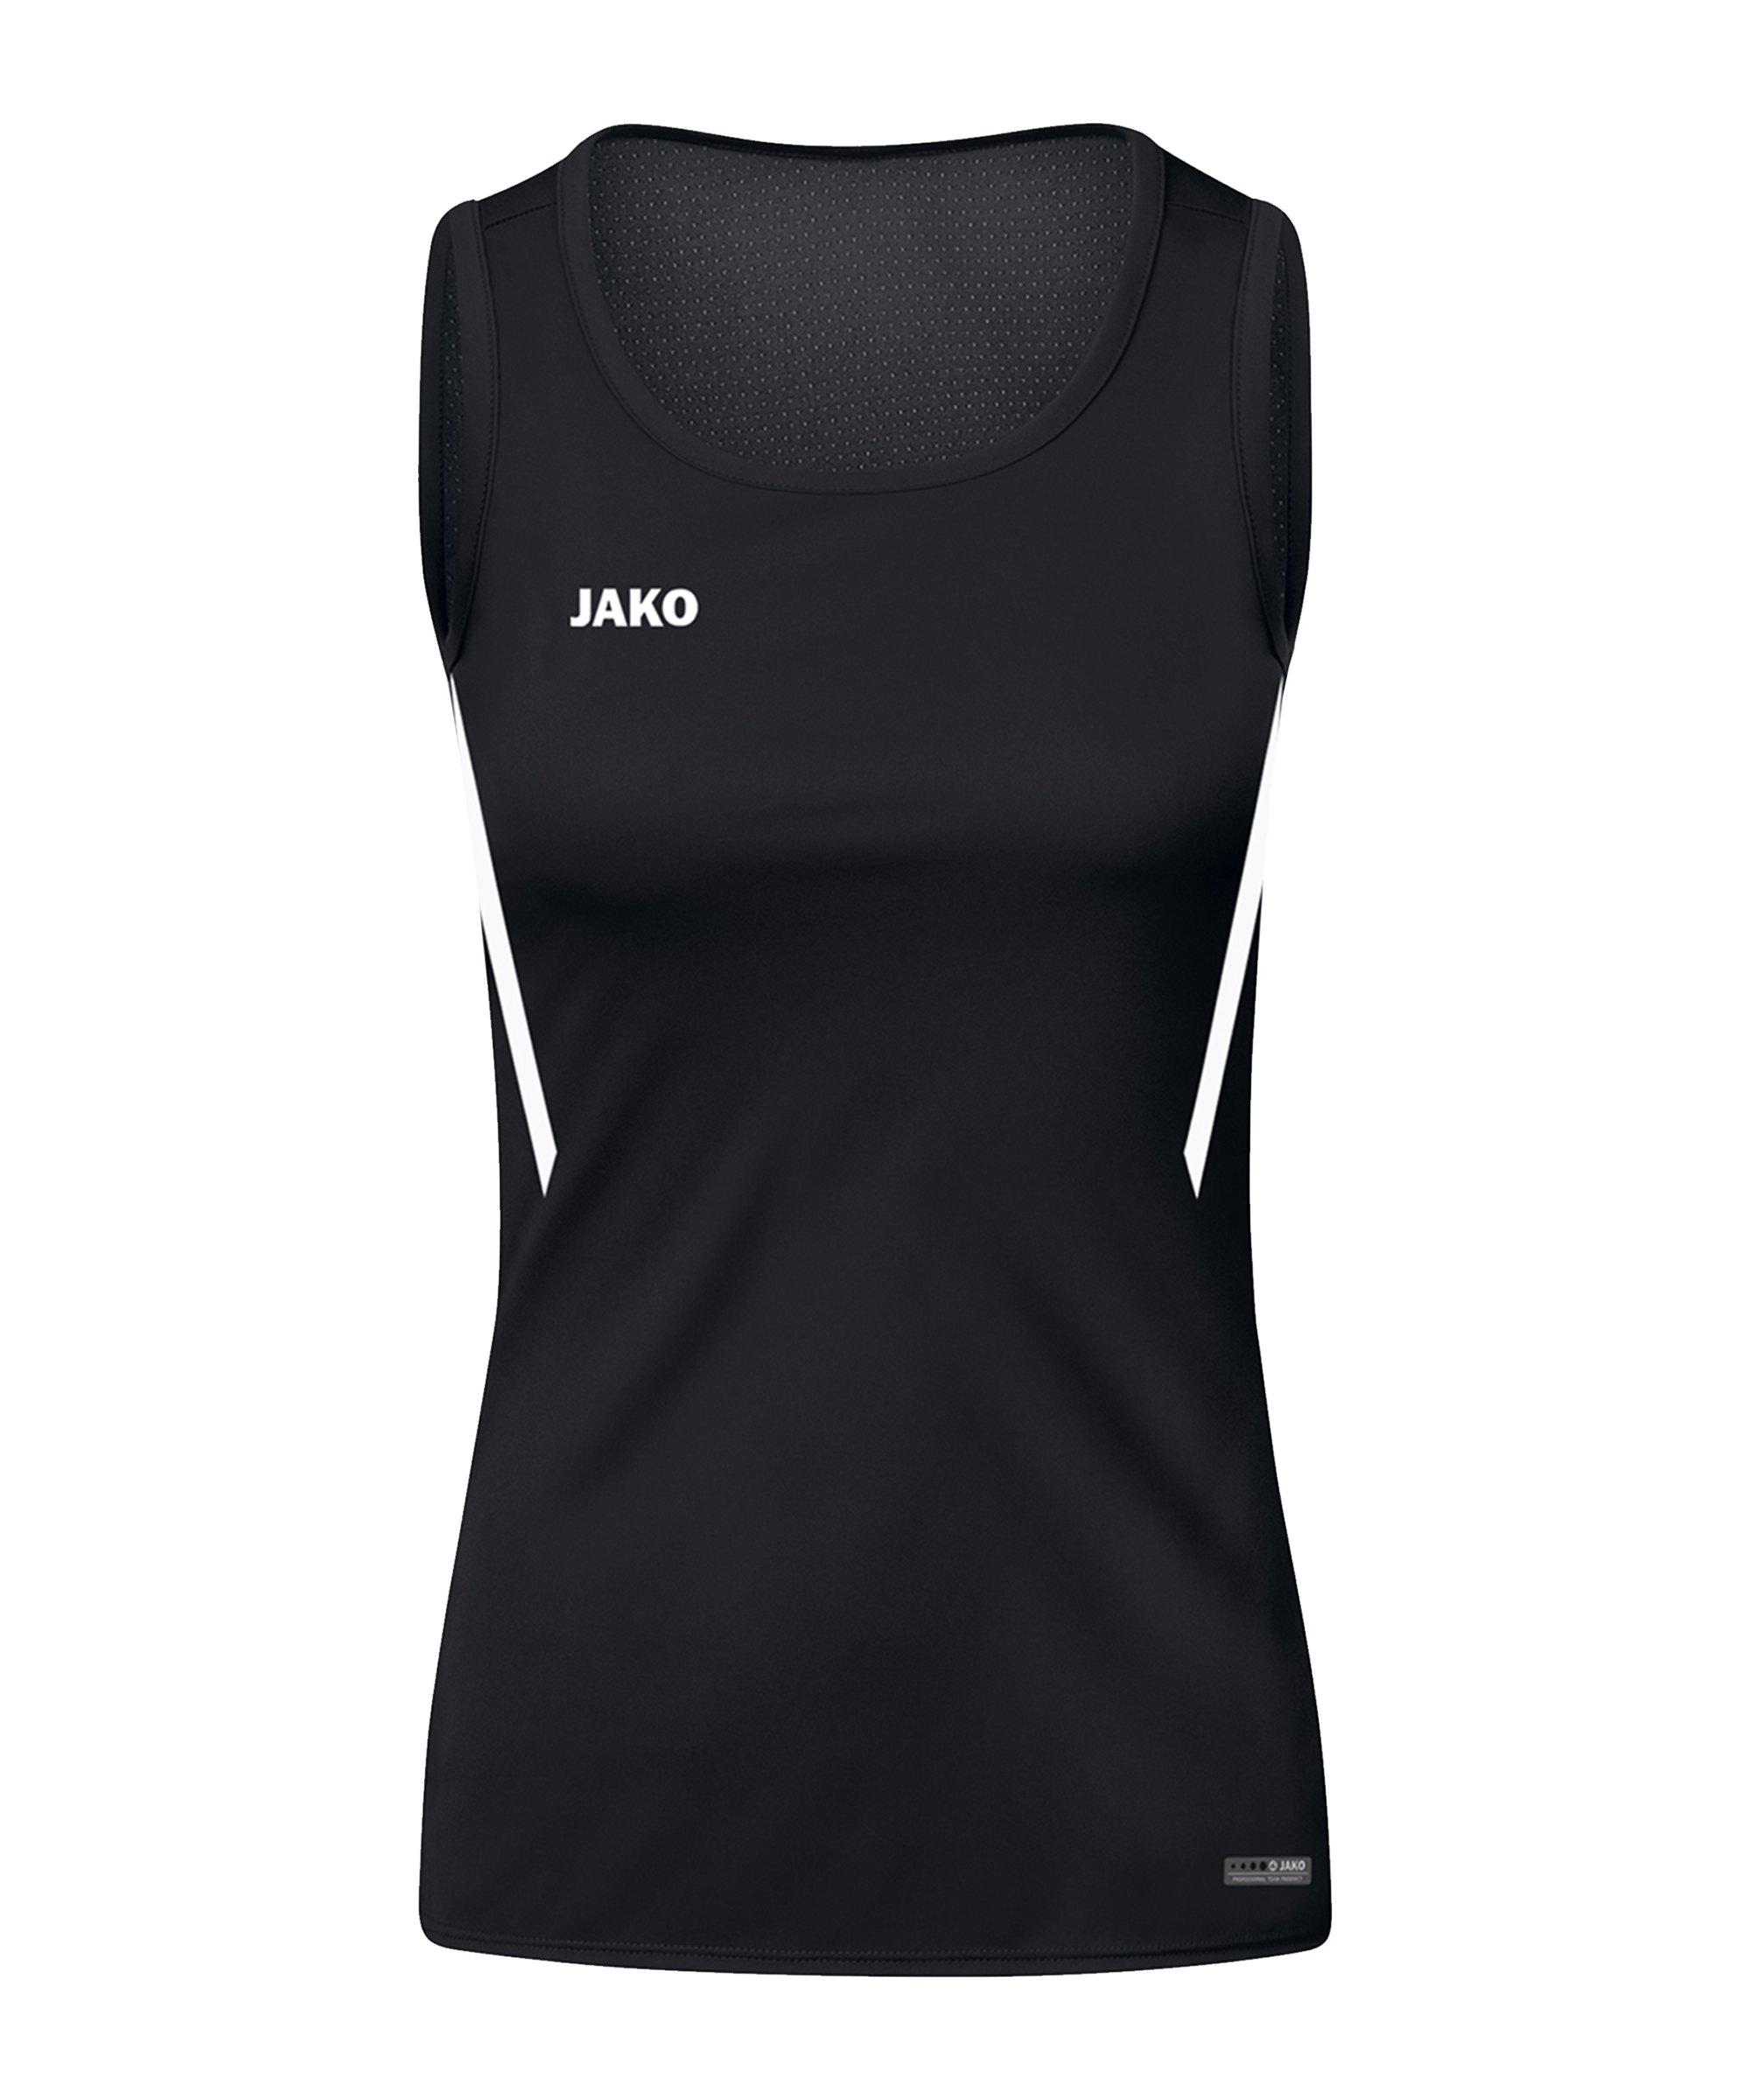 JAKO Challenge Tanktop Damen Schwarz Weiss F802 - schwarz